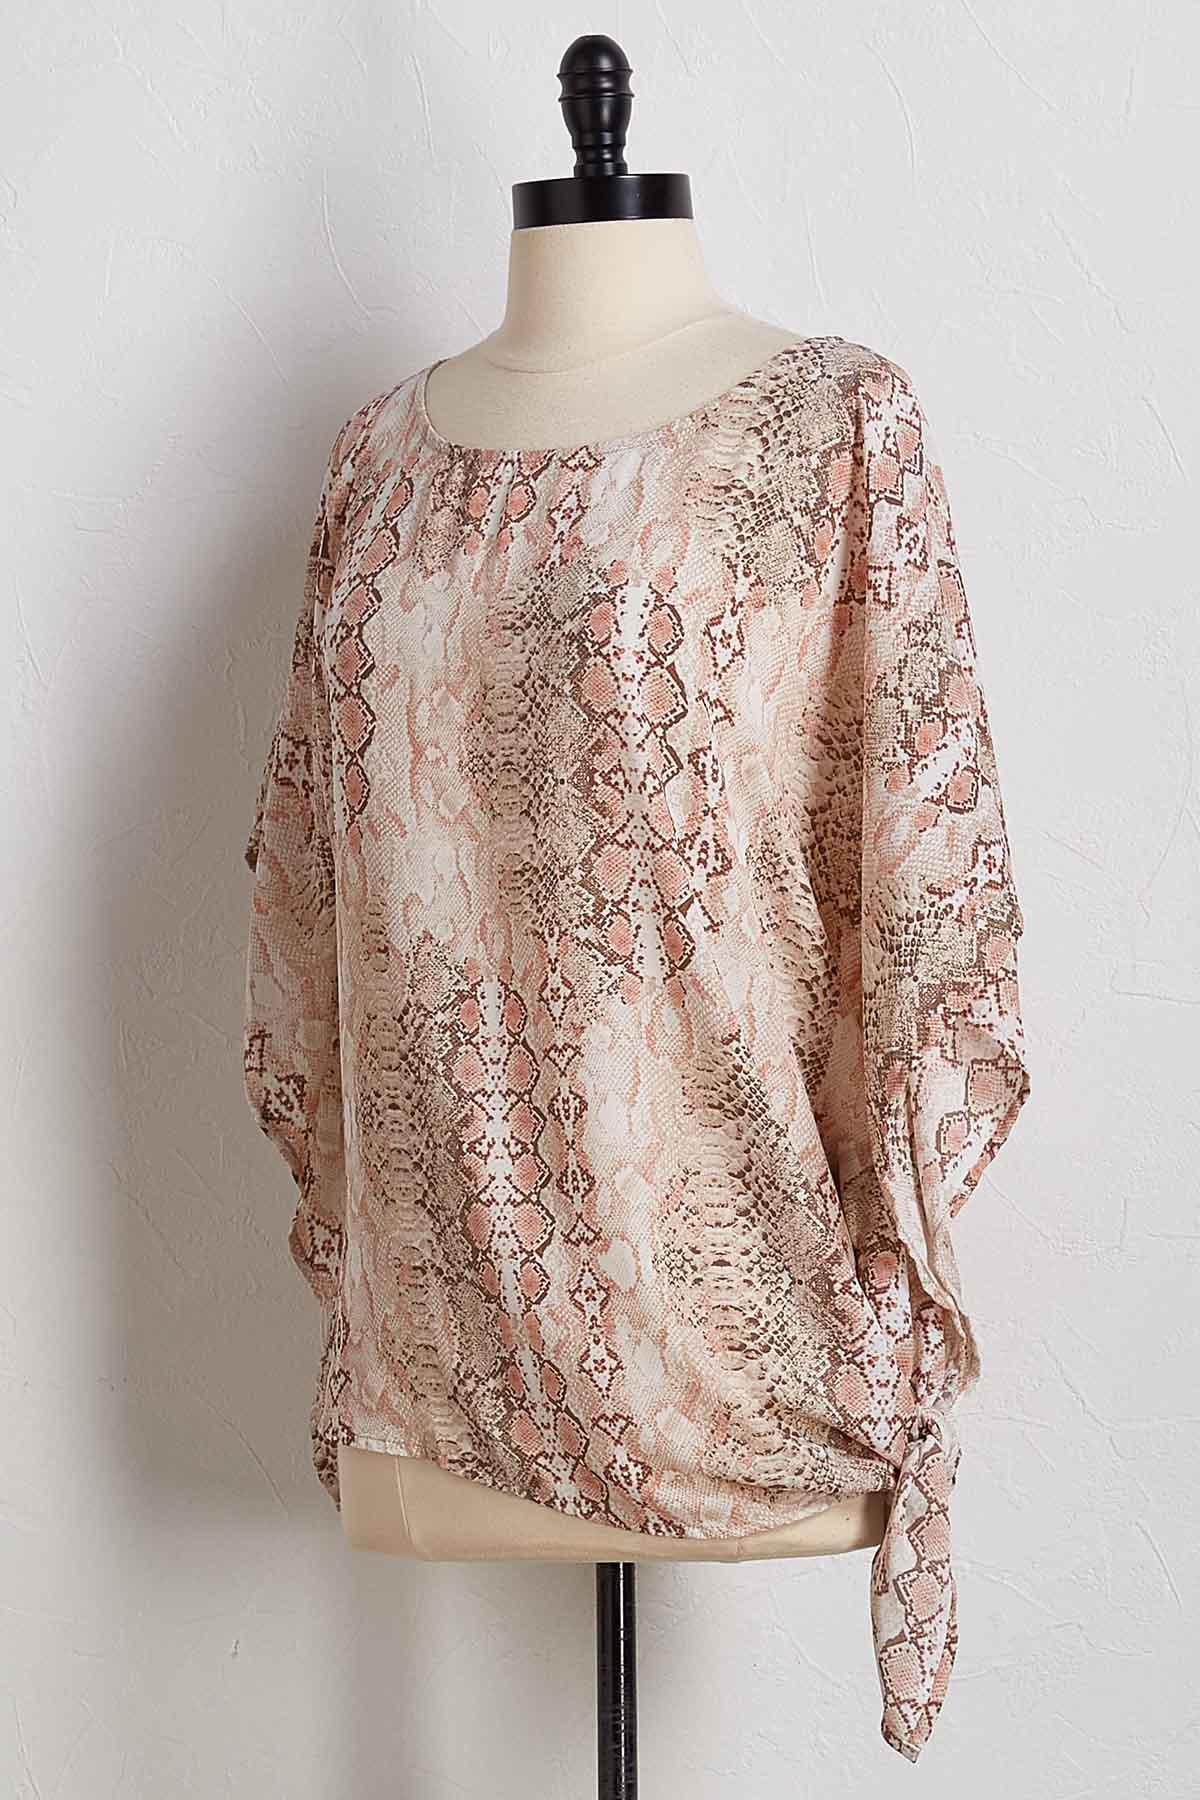 Snakeskin Print Kimono Top